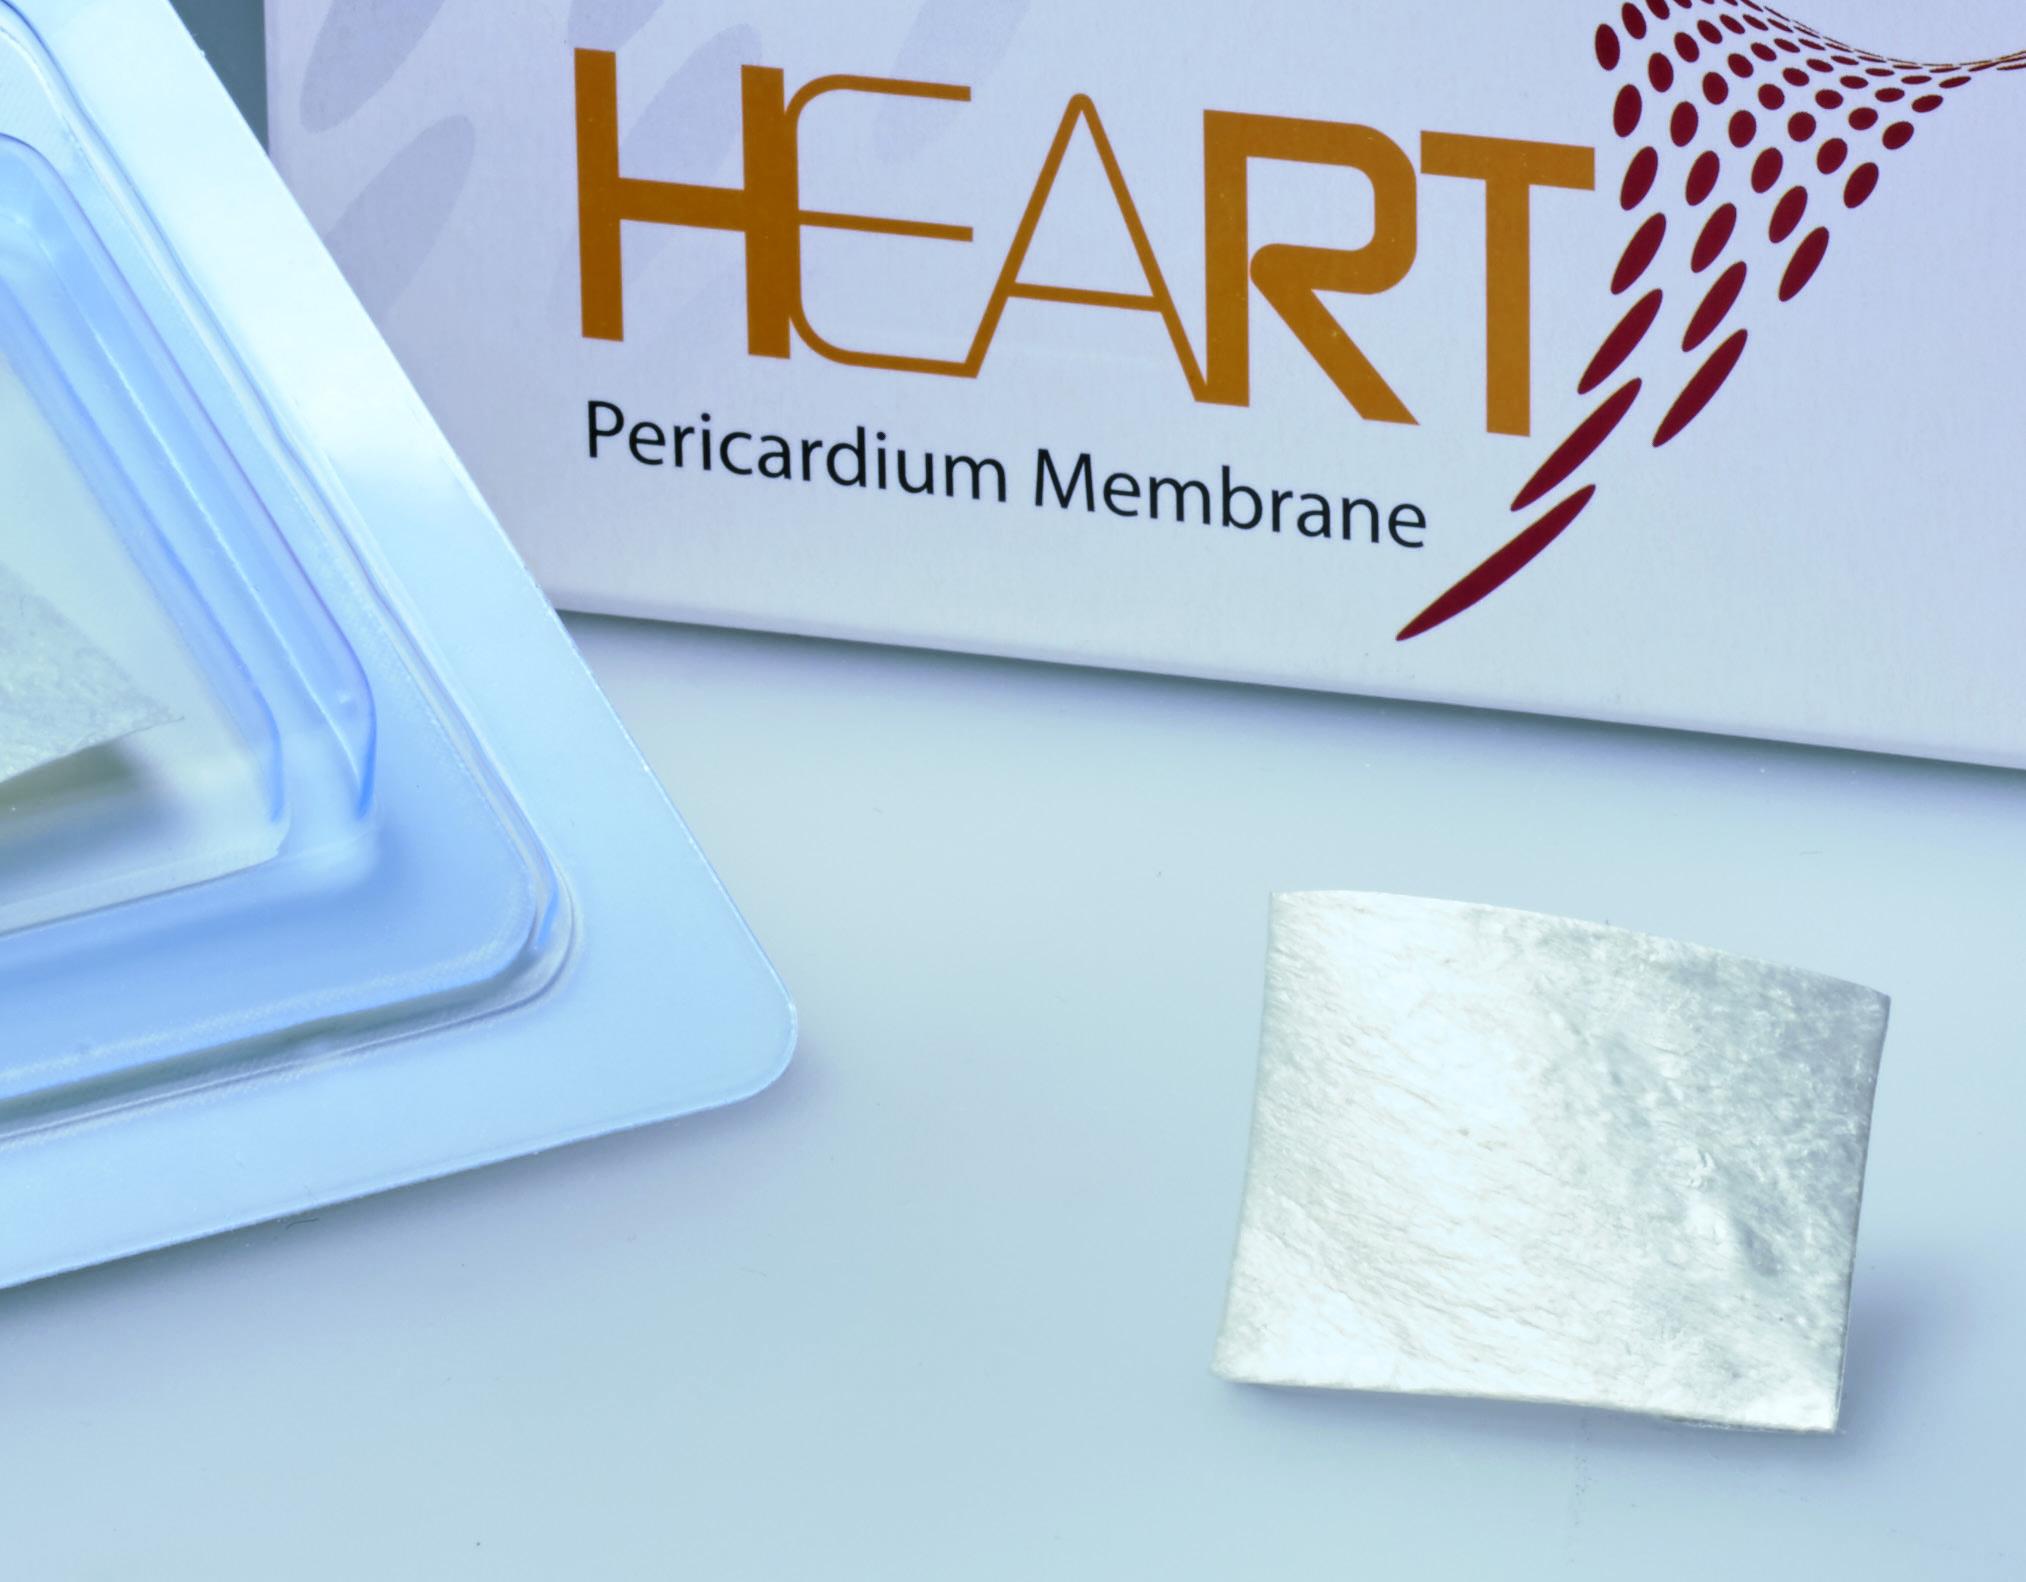 Bioteck Heart Pericardium Membrane